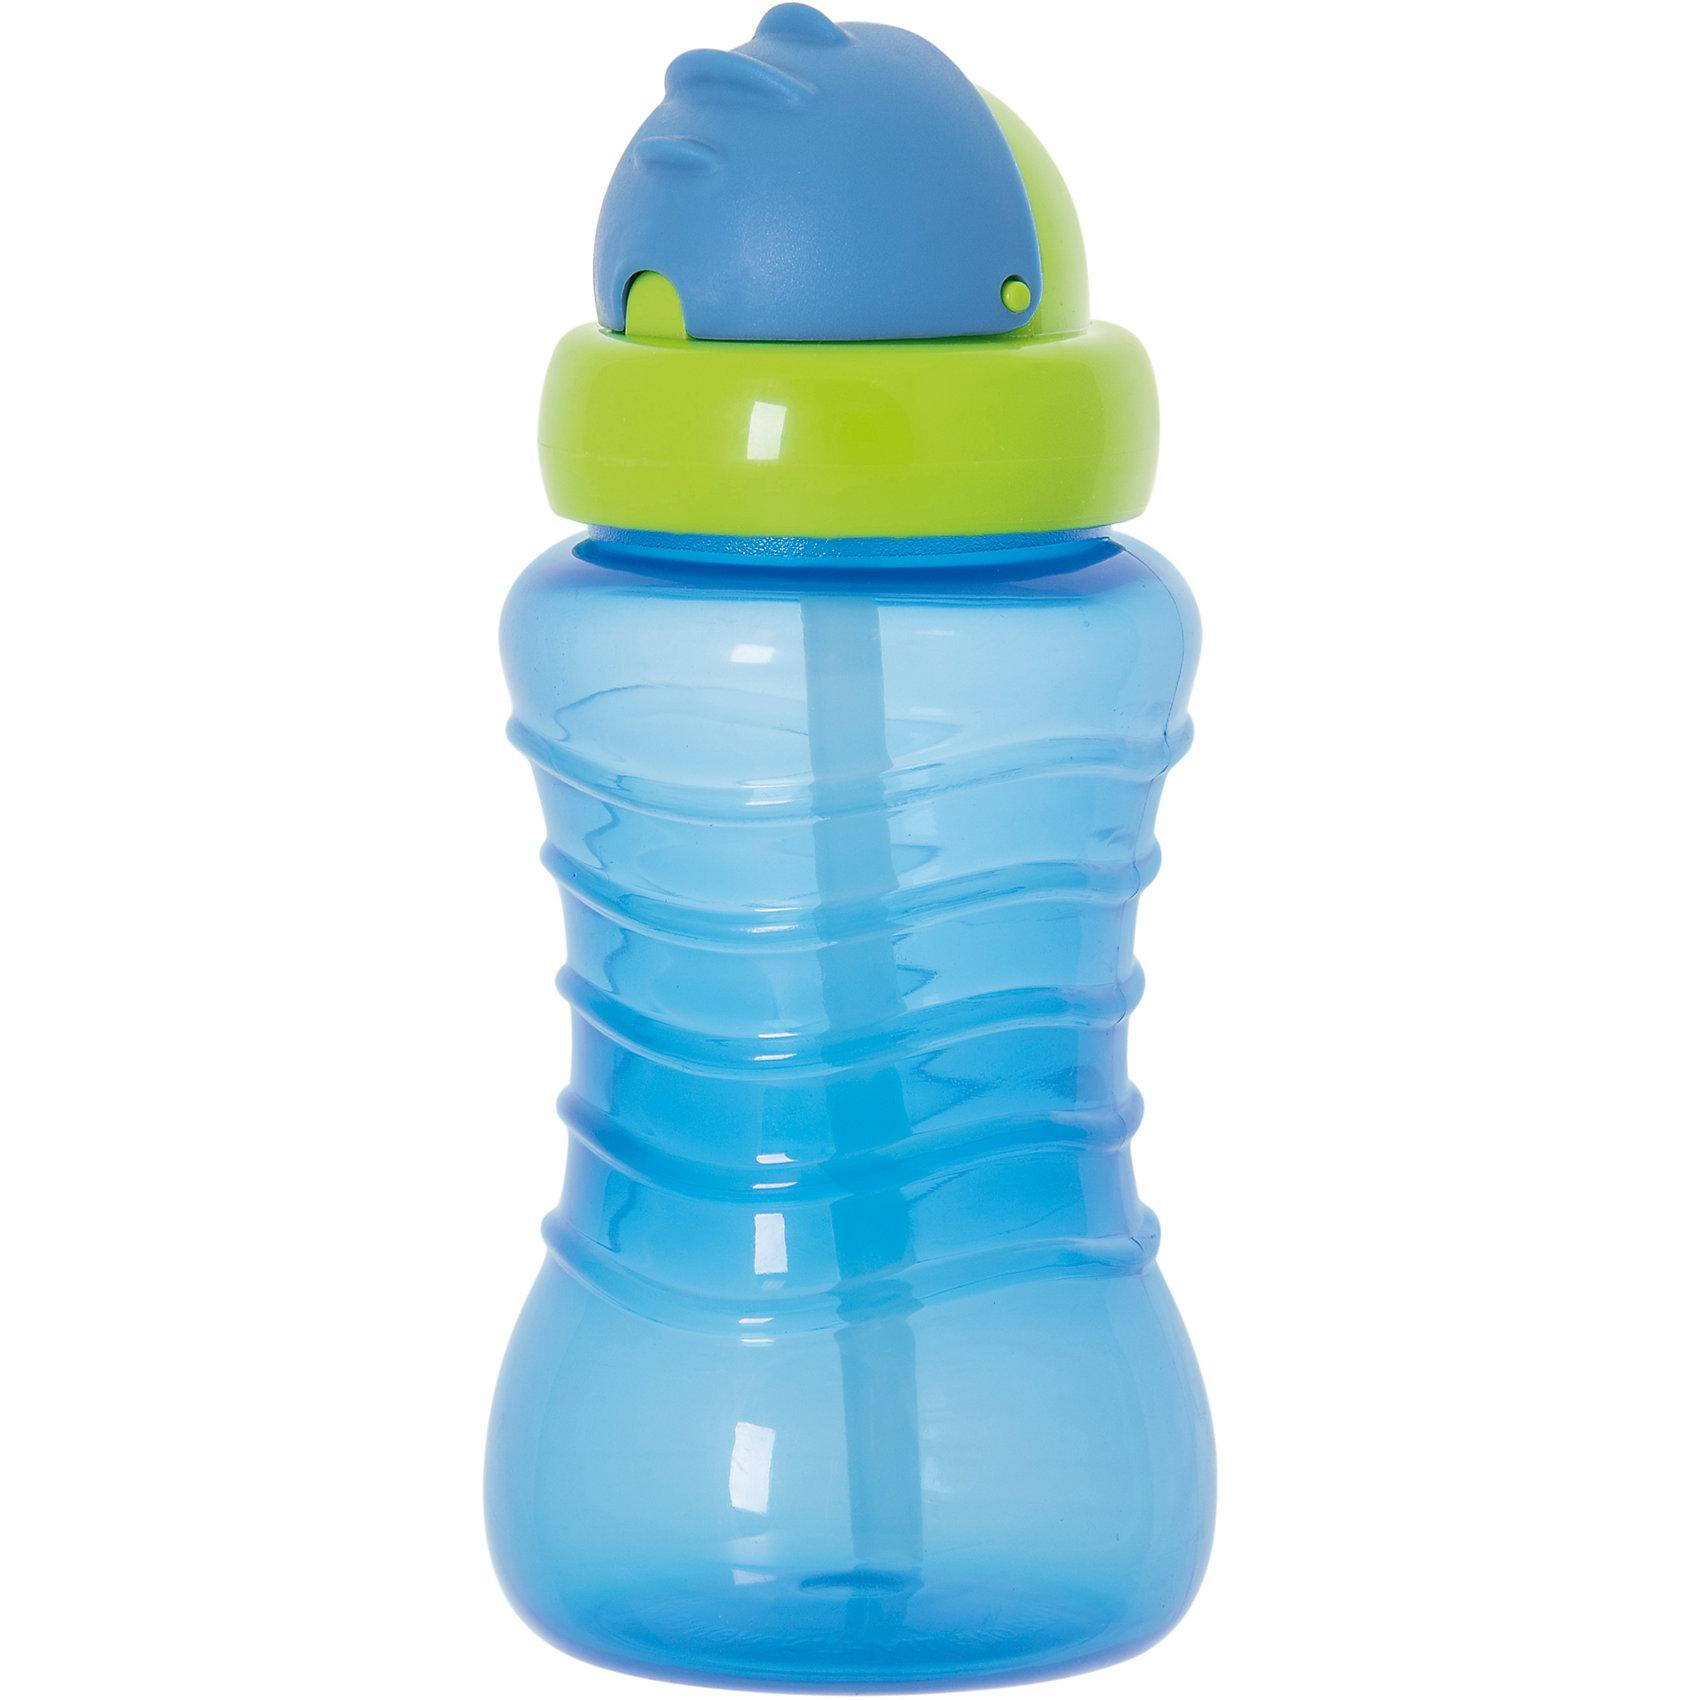 Поильник-непроливайка с соломинкой, 310 мл, Kurnosiki, голубойПоильники<br>Характеристики:<br><br>• Предназначение: для приучения к кружке, для занятий спортом<br>• Материал: пластик, силикон<br>• Пол: для мальчика<br>• Цвет: голубой<br>• Тематика рисунка: без рисунка<br>• Объем: 310 мл<br>• Наличие силиконовой соломинки<br>• Крышка-клапан<br>• Можно использовать как для холодных, так и для горячих напитков<br>• Вес: 120 г<br>• Особенности ухода: разрешается мыть в посудомоечной машине<br><br>Поильник-непроливайка с соломинкой, 310 мл, Kurnosiki, фиолетовый изготовлен из безопасного и ударопрочного пластика, устойчивого к появлению царапин и сколов. Изделие выполнено в стильном спортивном дизайне. Внутри бутылки имеется мягкая силиконовая трубочка, которая выдвигается при нажатии на крышку. <br><br>Для защиты от проливания у поильника предусмотрена герметичная крышка. Поильник-непроливайка с соломинкой, 310 мл, Kurnosiki, фиолетовый станет незаменимым атрибутом не только для приучения малыша к кружке, но и во время занятий спортом!<br><br>Поильник-непроливайку с соломинкой, 310 мл, Kurnosiki, фиолетовый можно купить в нашем интернет-магазине.<br><br>Ширина мм: 70<br>Глубина мм: 80<br>Высота мм: 230<br>Вес г: 87<br>Возраст от месяцев: 6<br>Возраст до месяцев: 36<br>Пол: Мужской<br>Возраст: Детский<br>SKU: 5428739